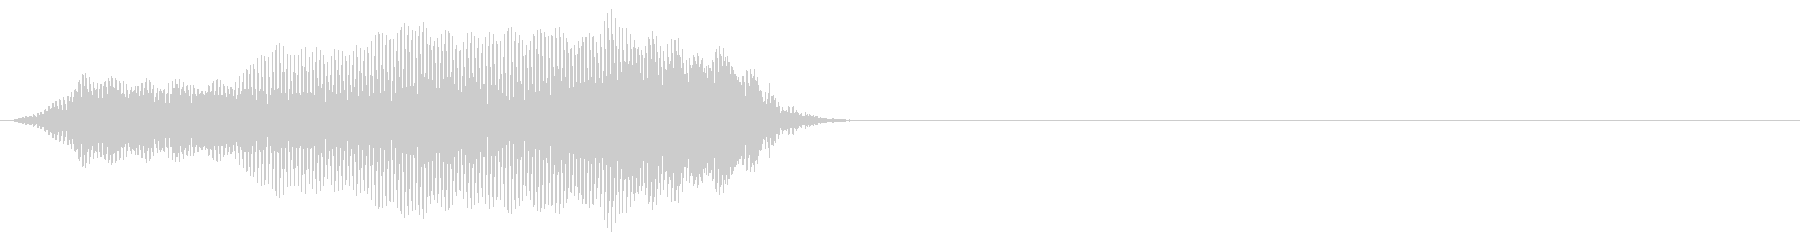 クリーチャー 発声 108の未再生の波形